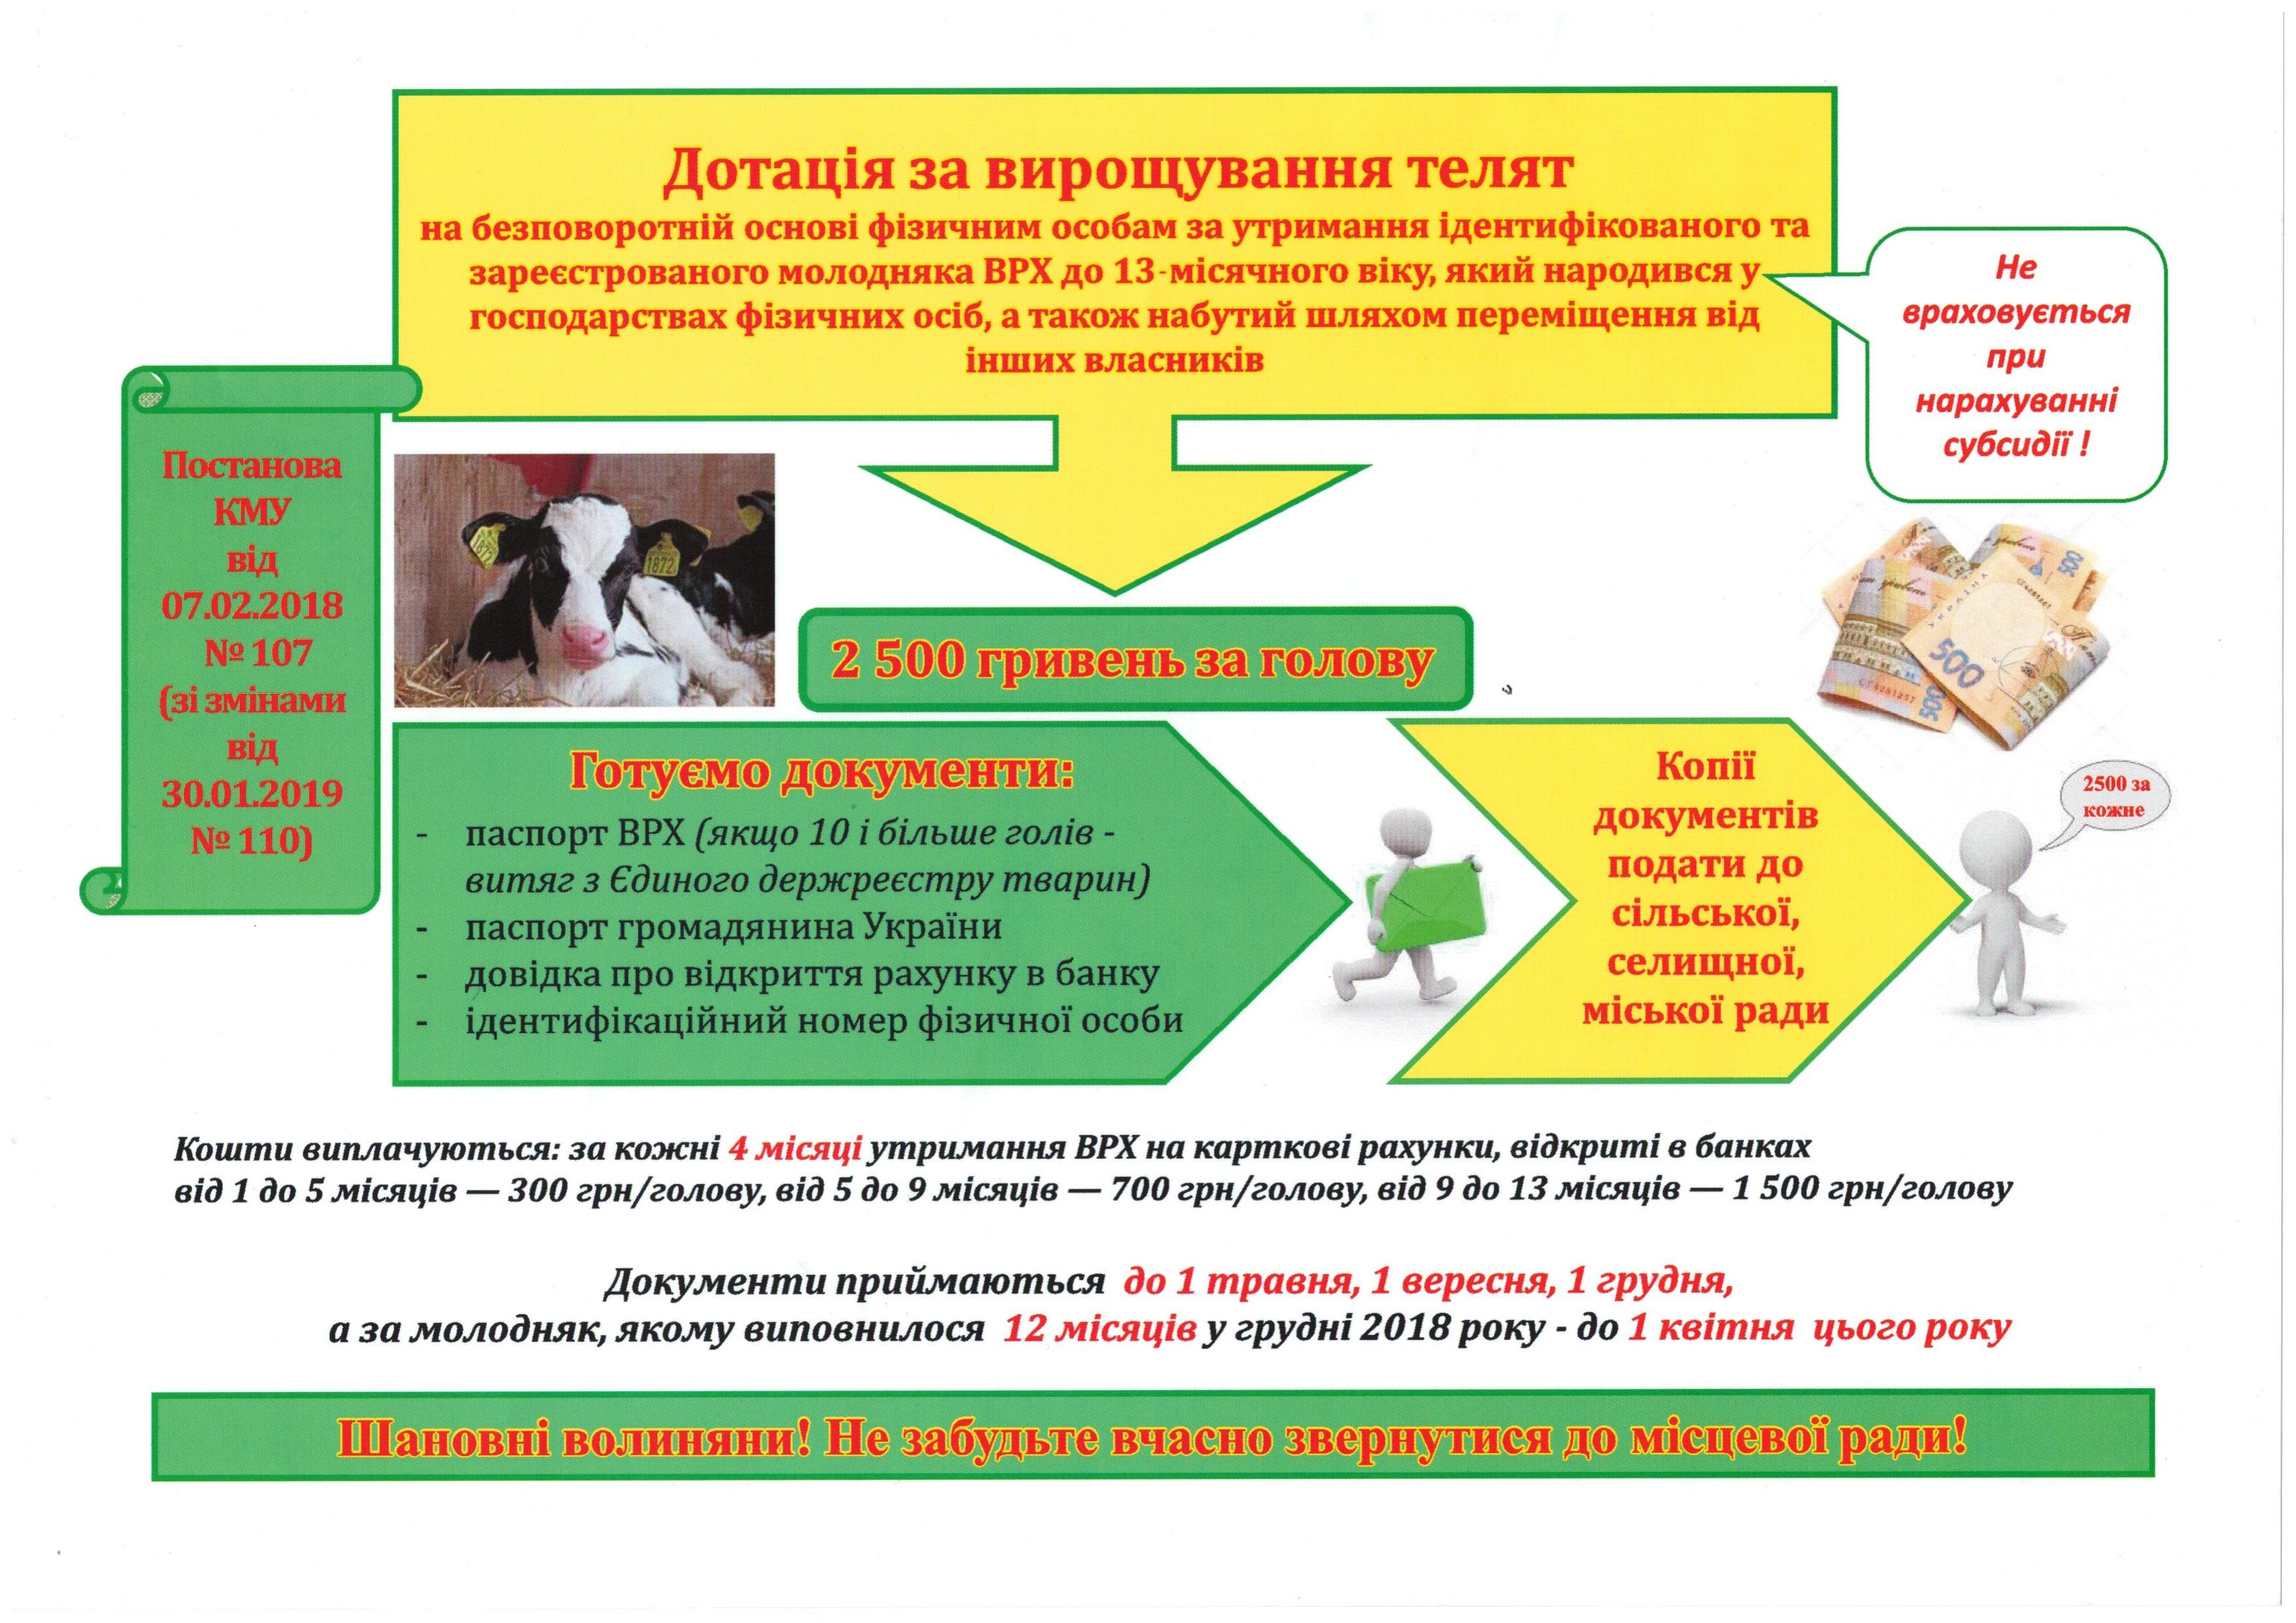 інформація щодо виплати дотації за утримання молодняка ВРХ